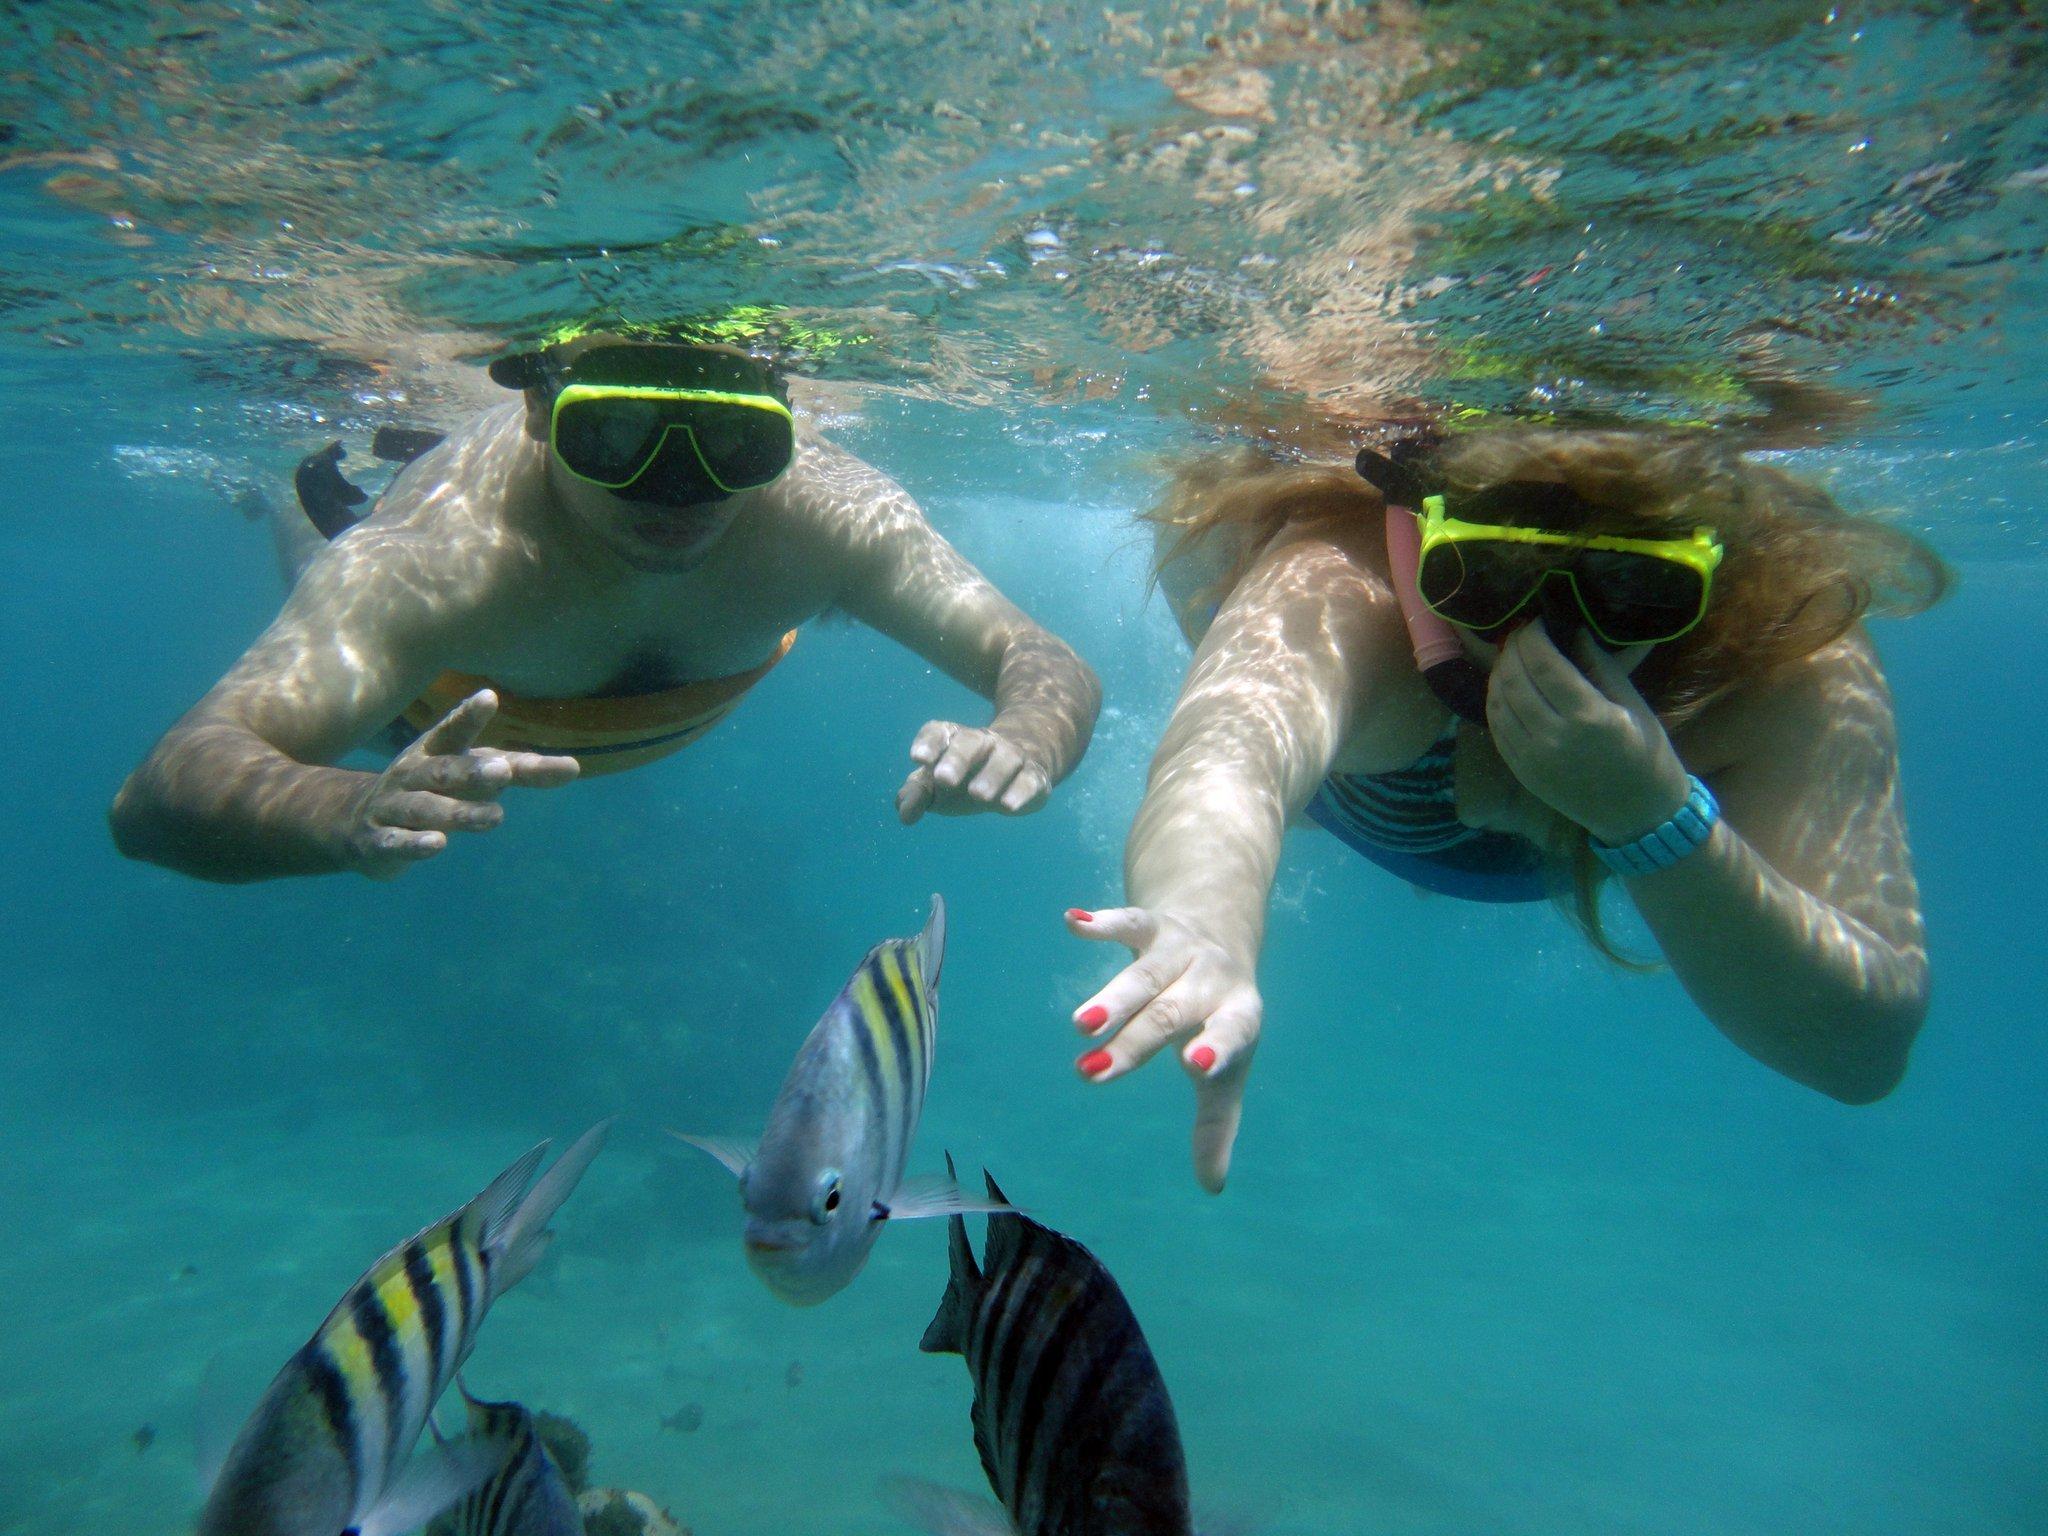 Mergulho em Maracajau